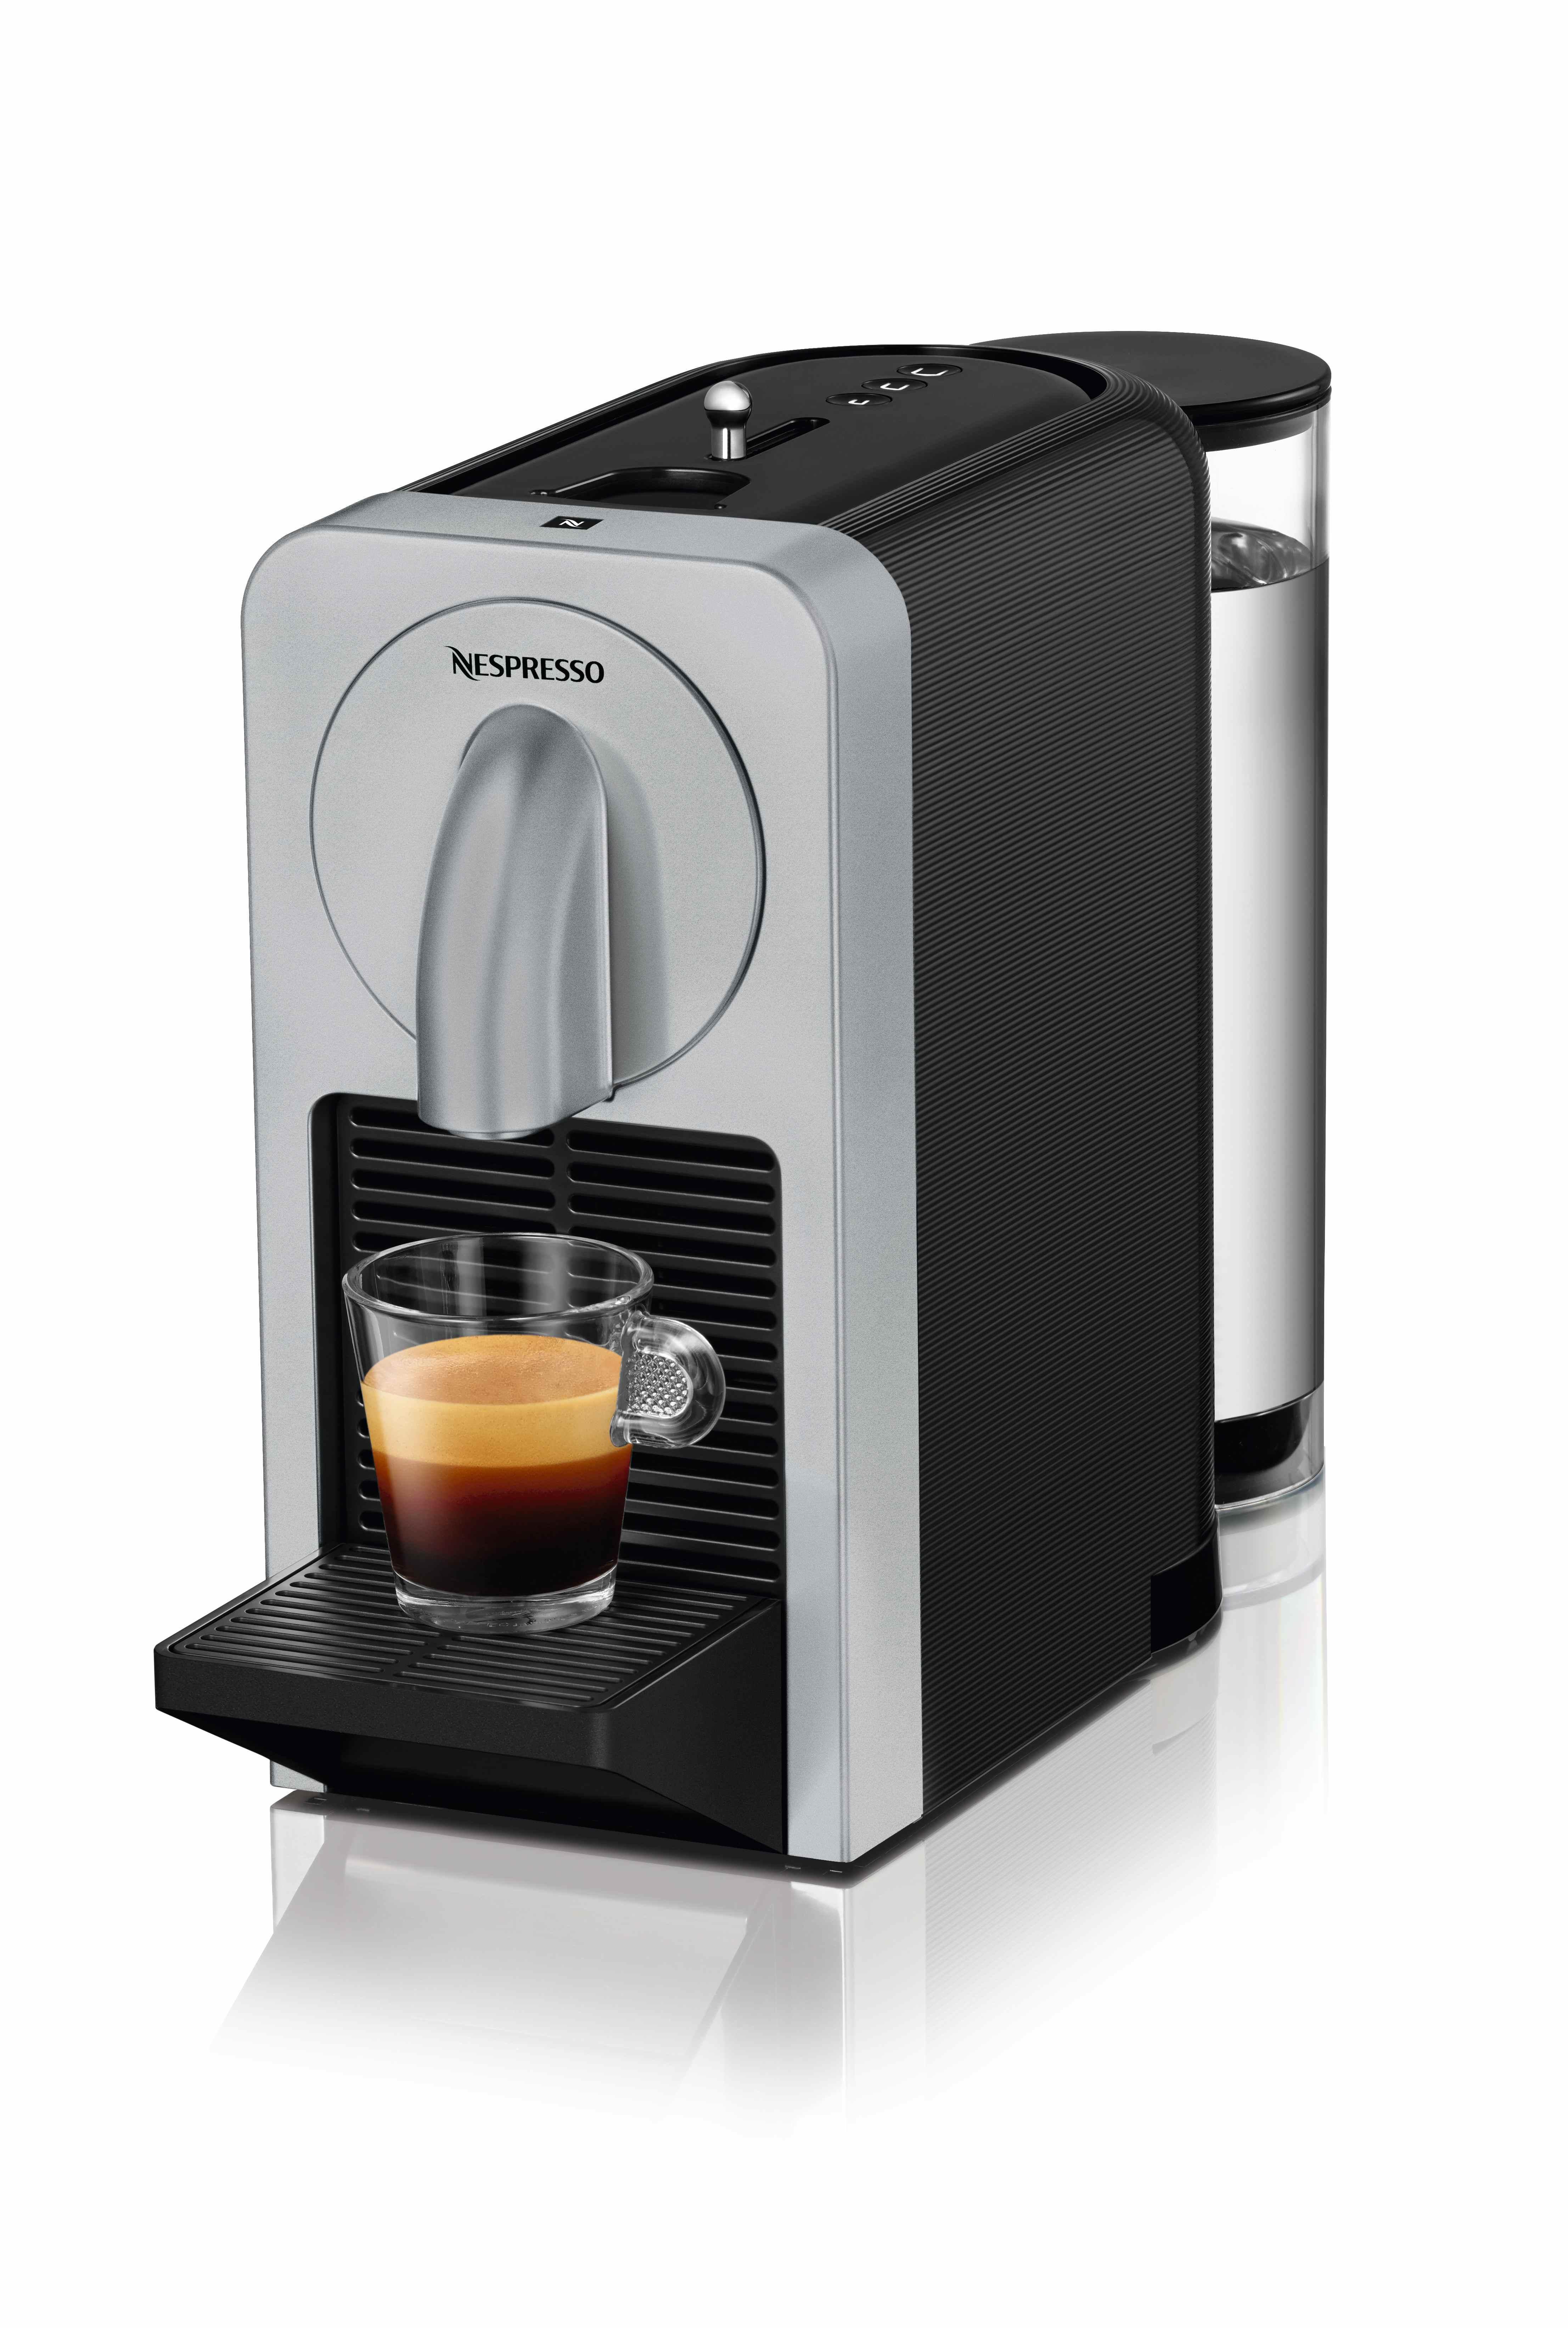 Prodigio la prima macchina per il caffè Nespresso gestita da una App